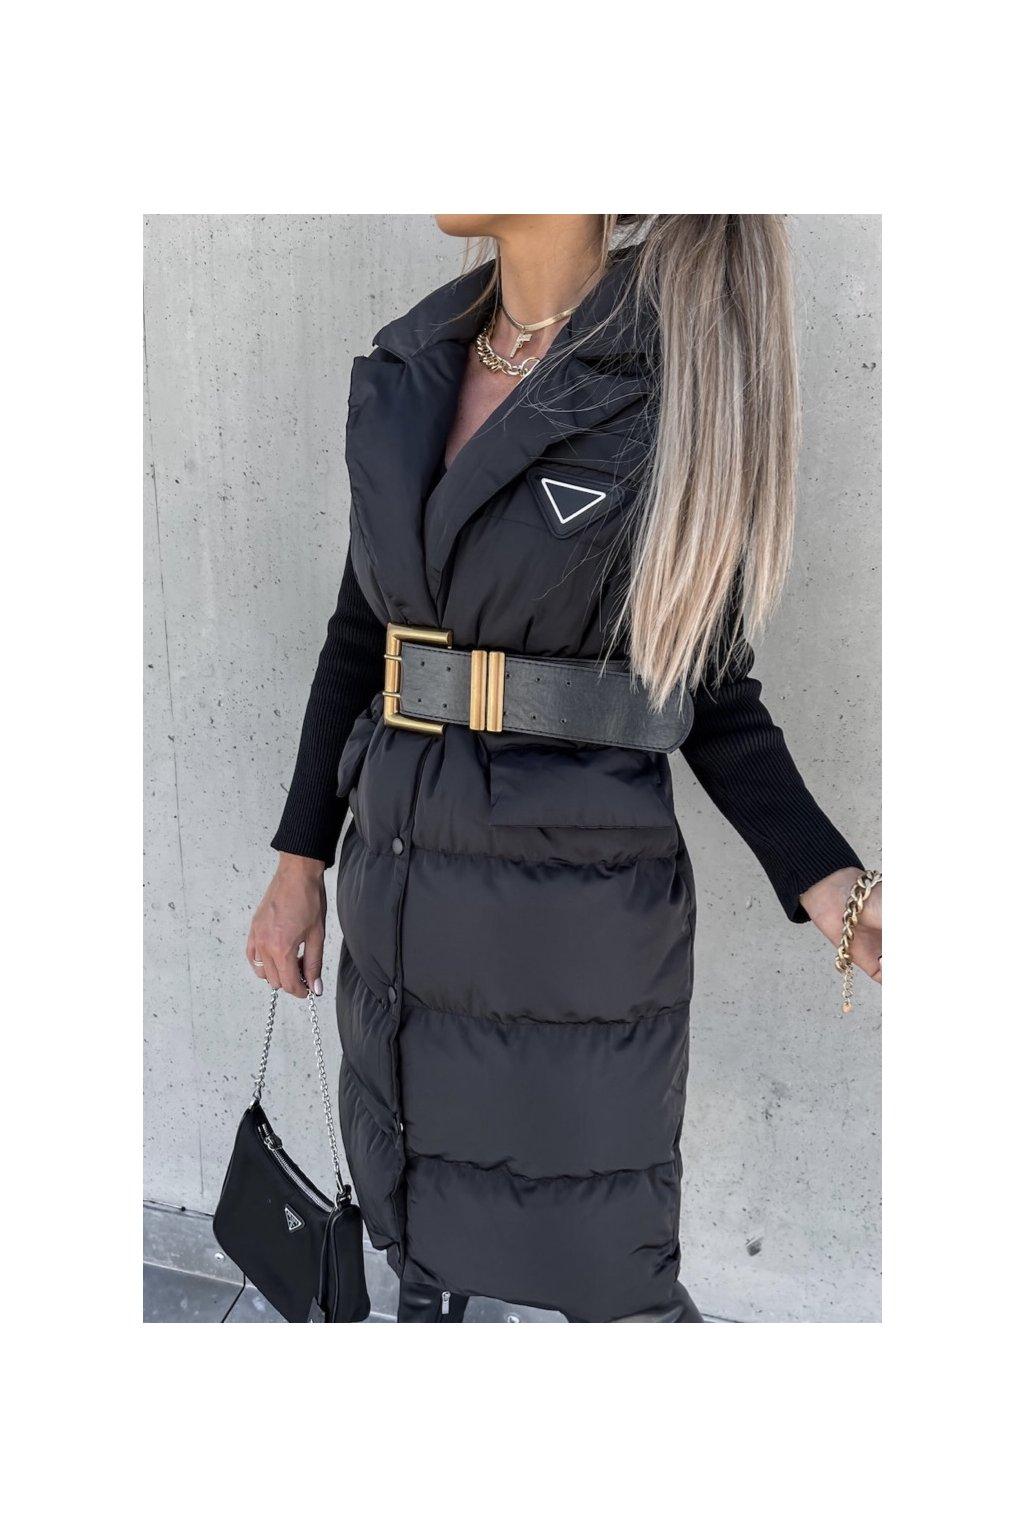 Luxusní černá vesta Fashionista